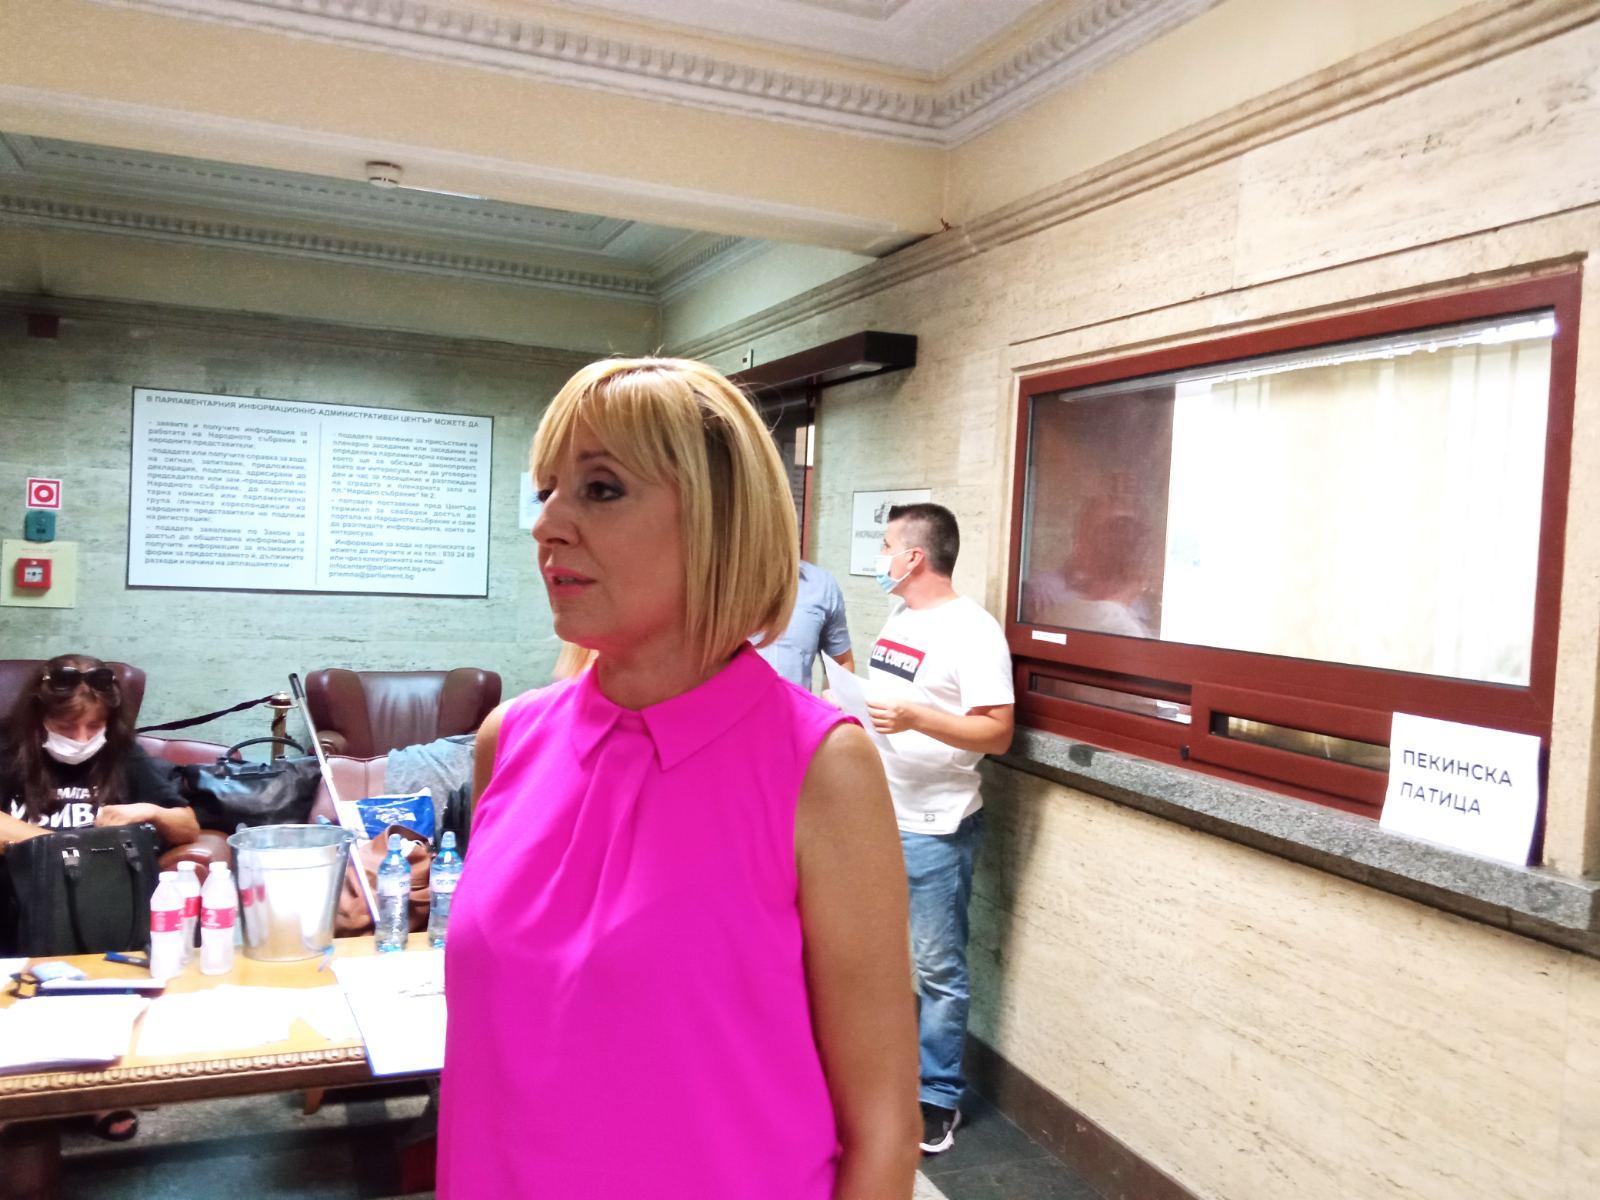 Манолова: Оставаме в парламента заради наглото и безобразно поведение на Караянчева